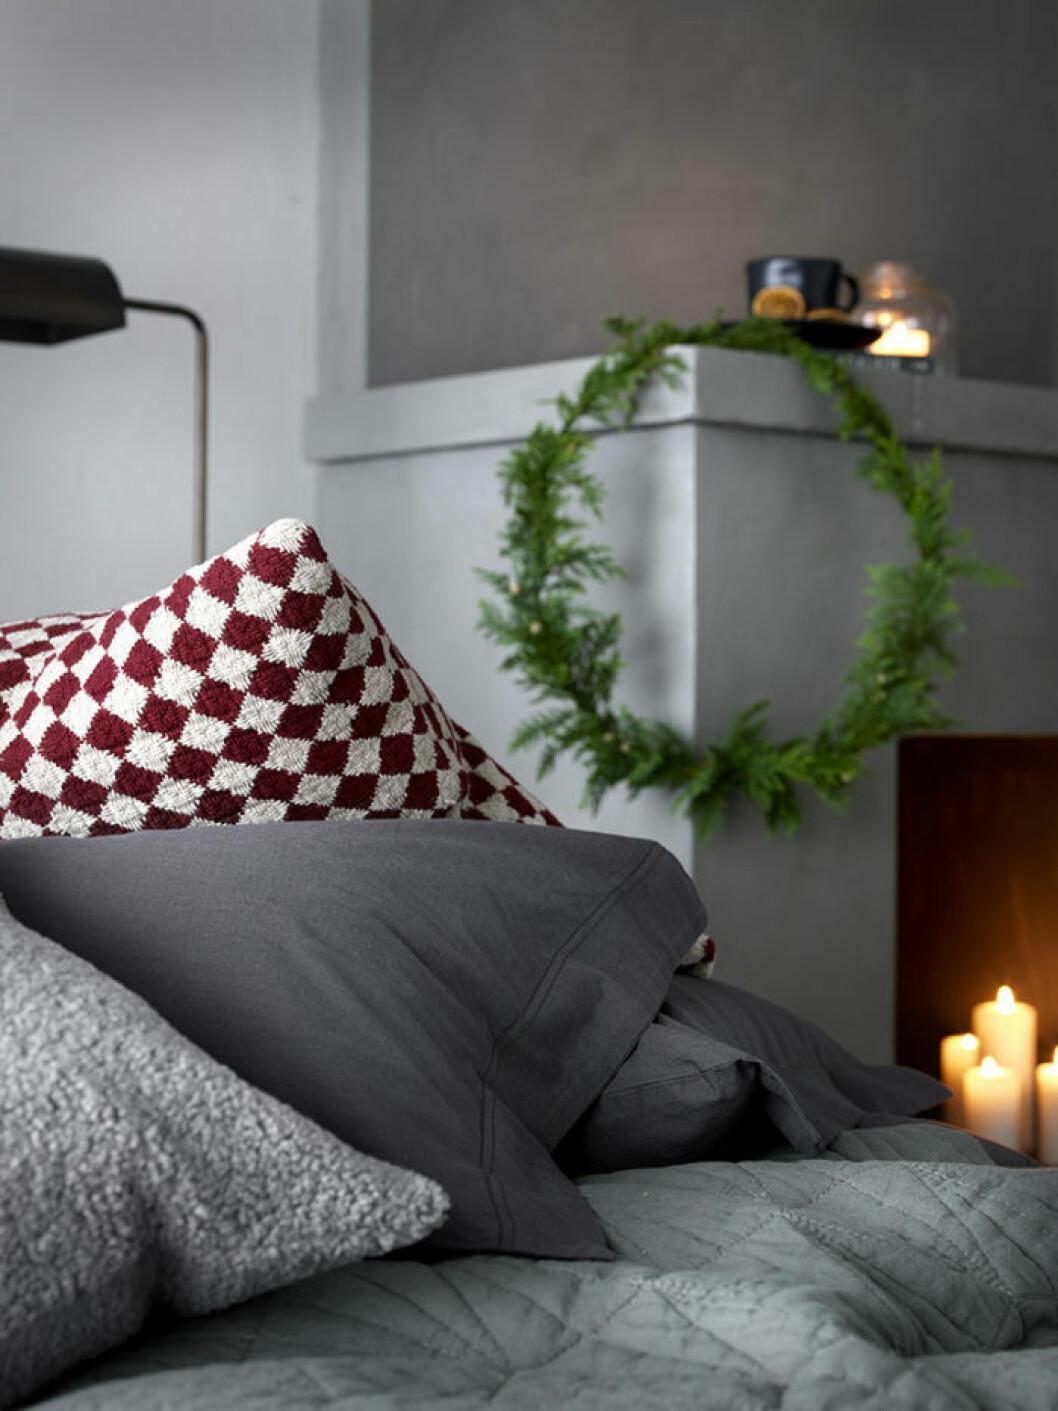 Addera lagom mycket rött för att skapa en stilren julkänsla i sovrummet.